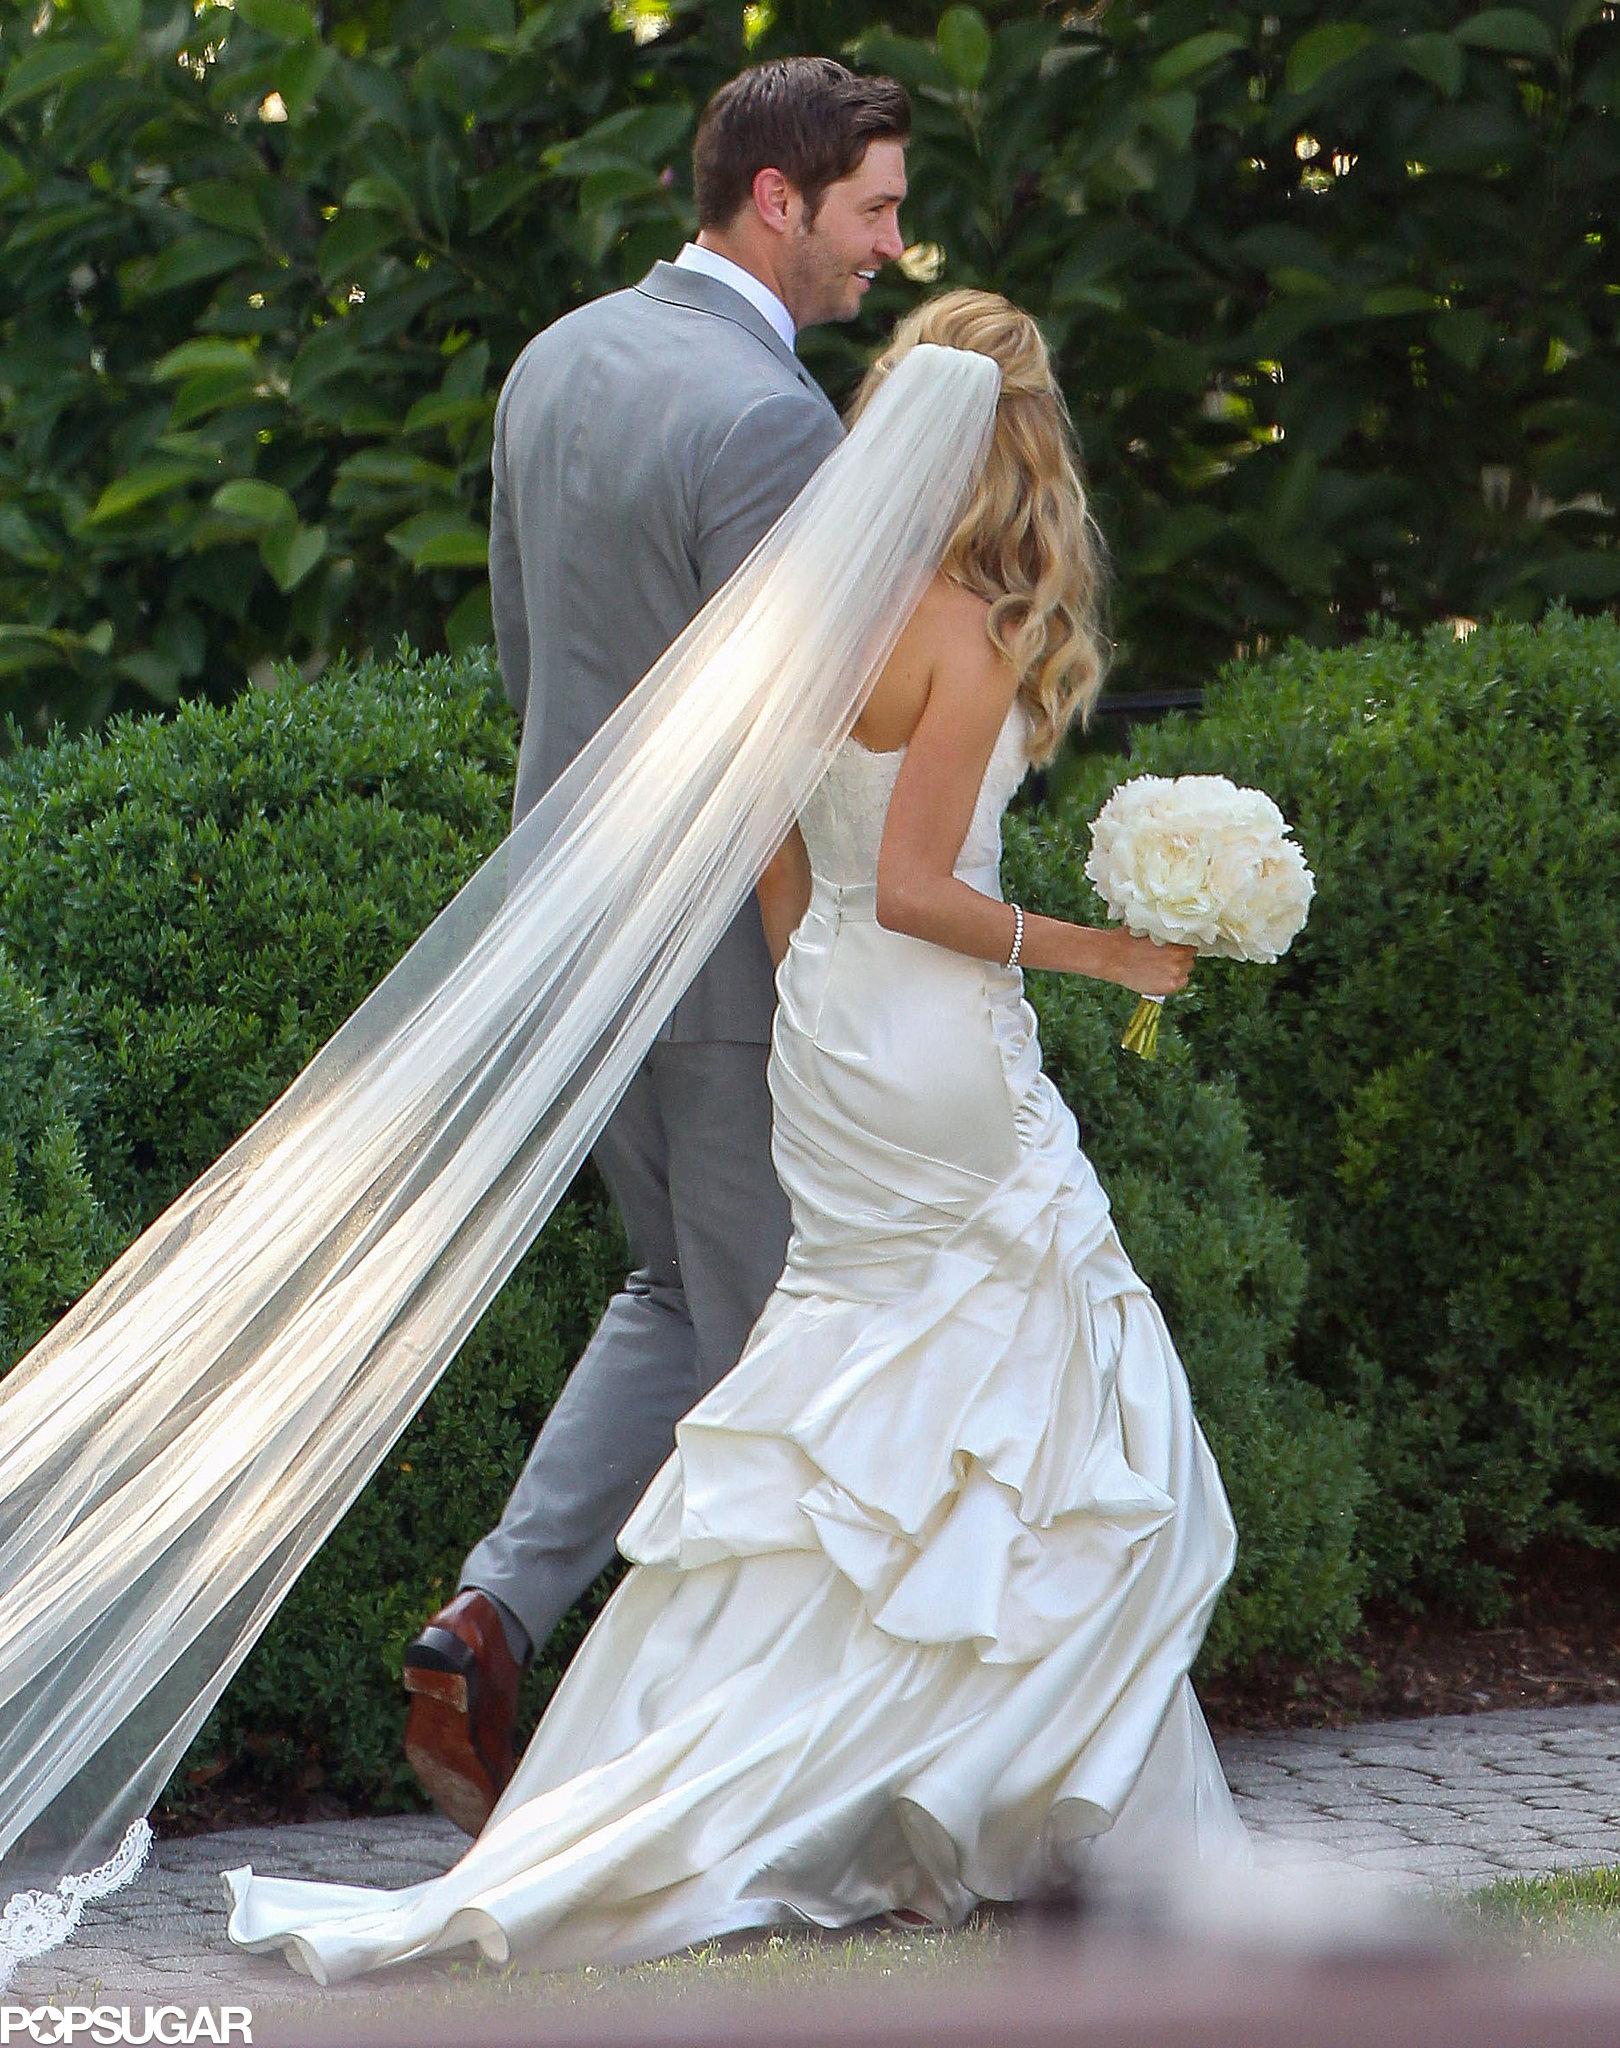 Kristin Cavallari and Jay Cutler tied the knot in Nashville.